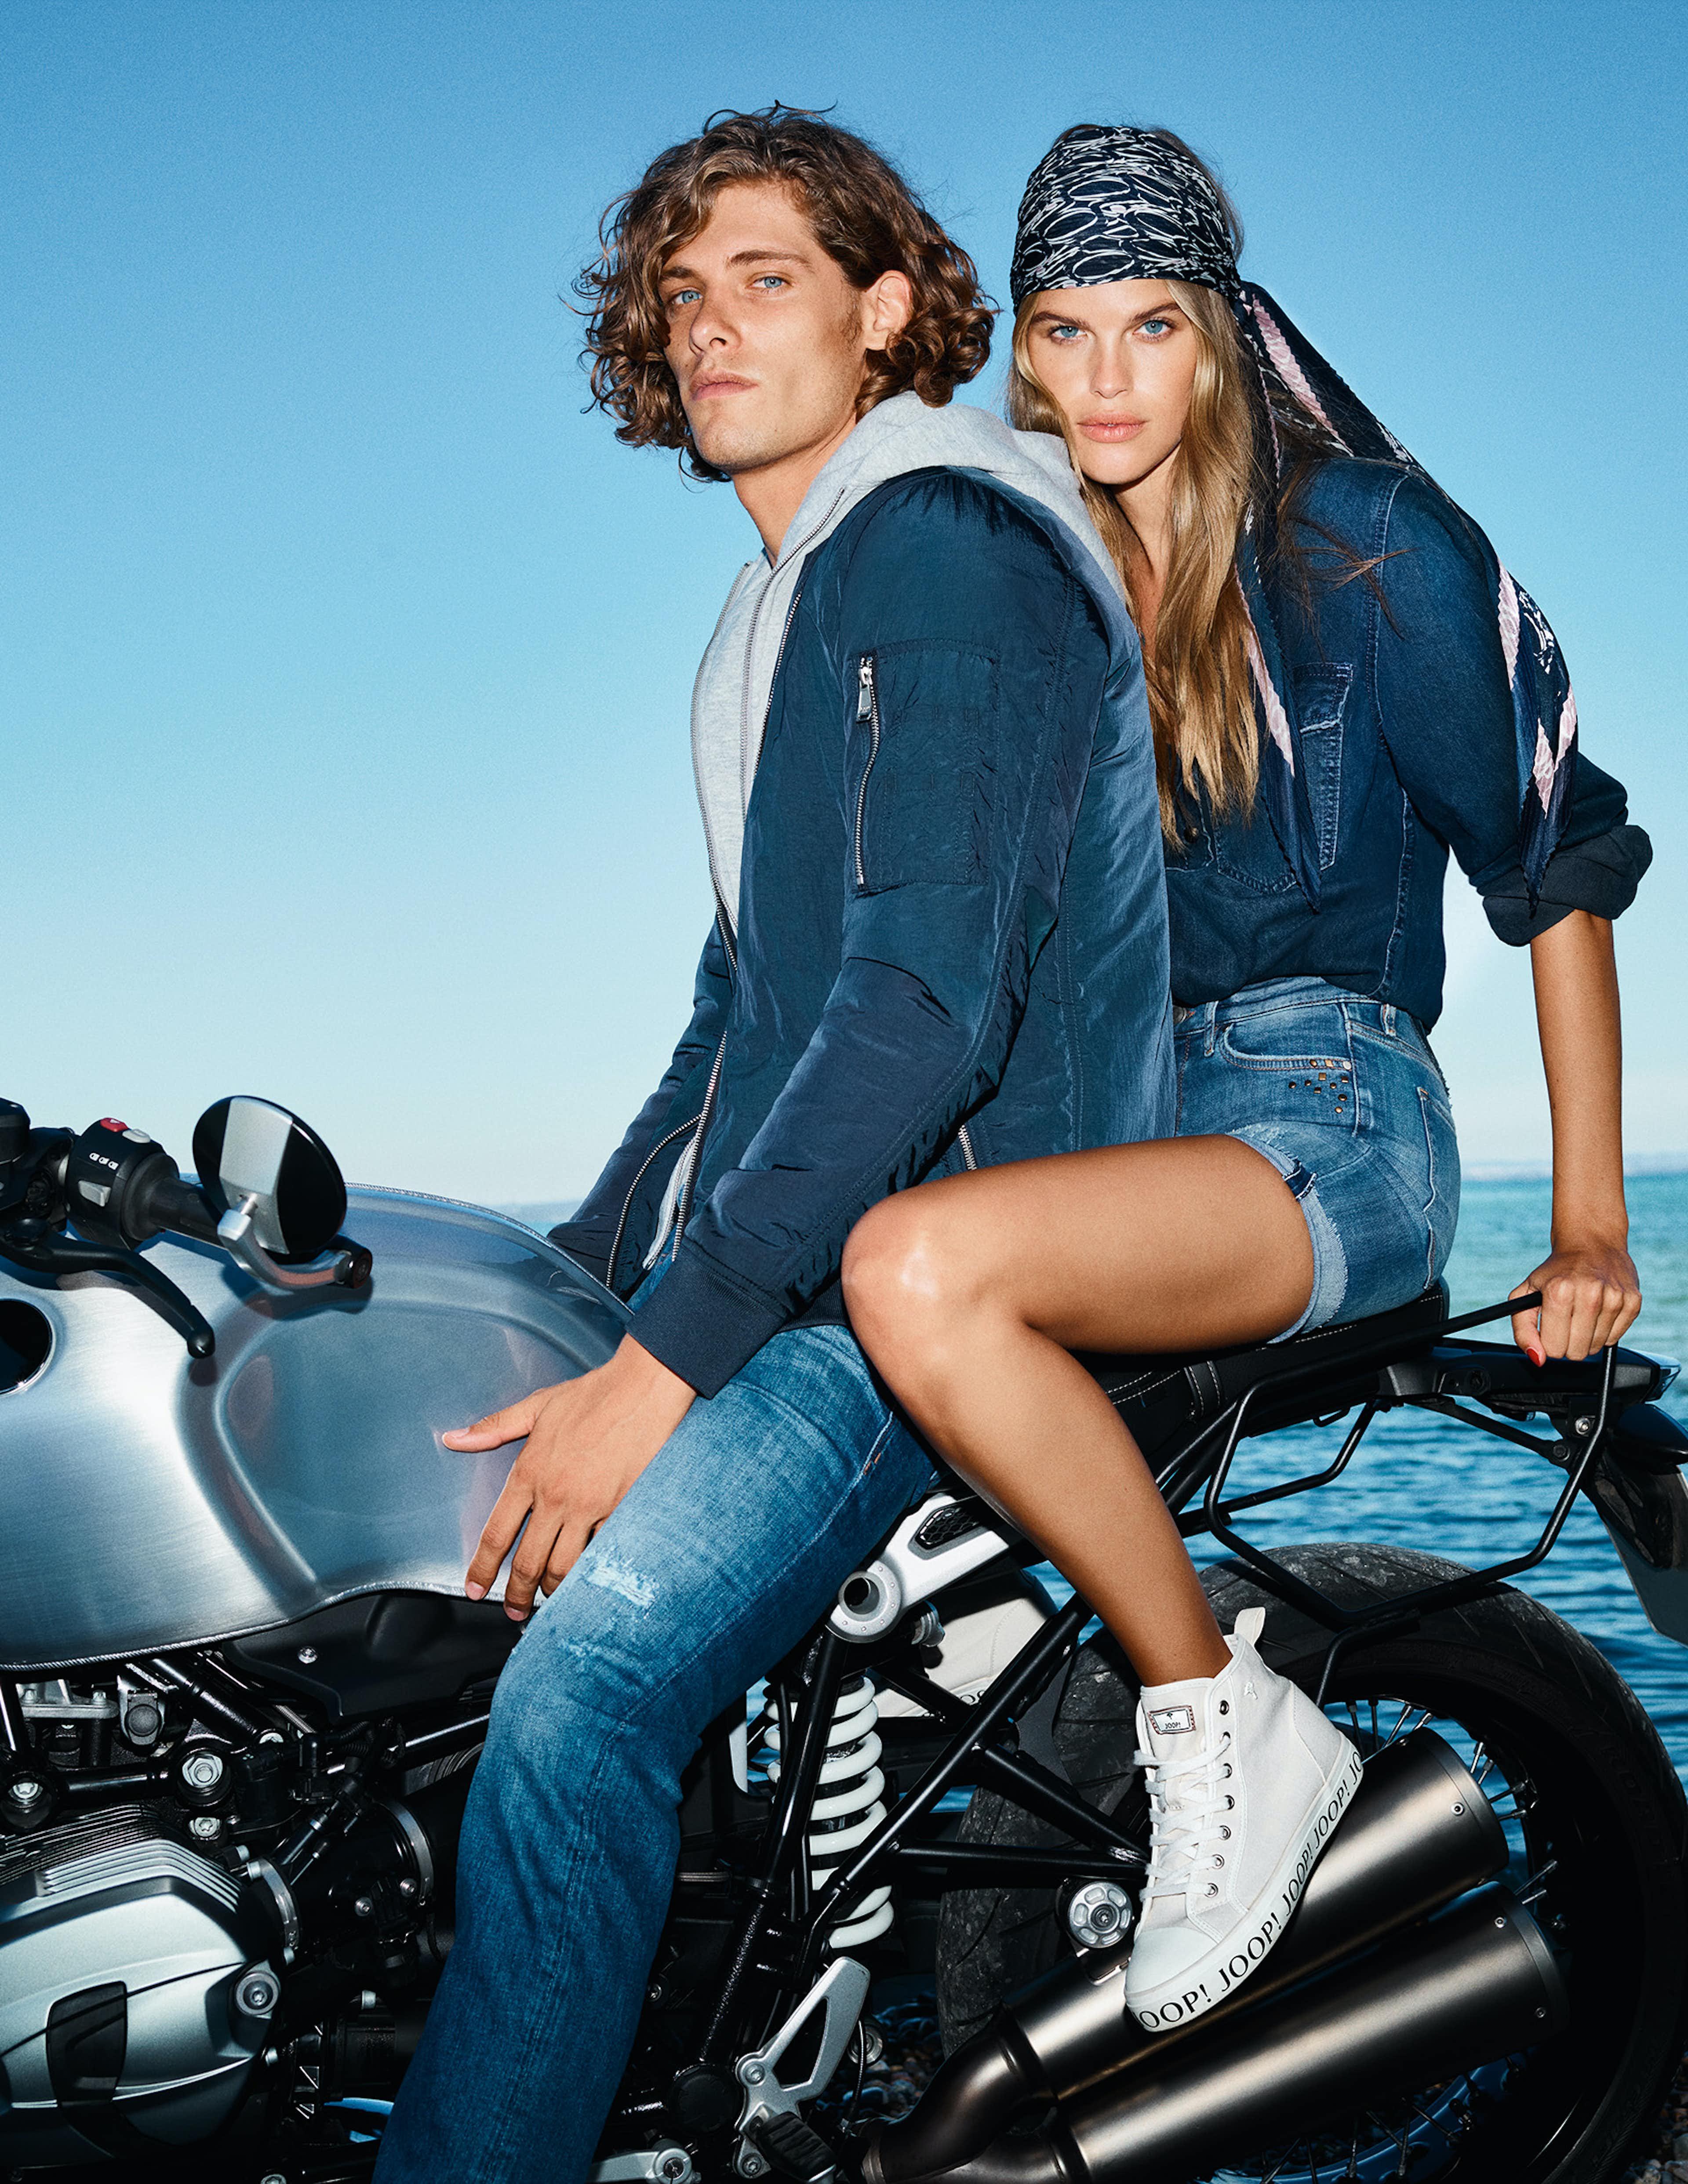 Mann & Frau auf Motorrad in JOOP! Outfit